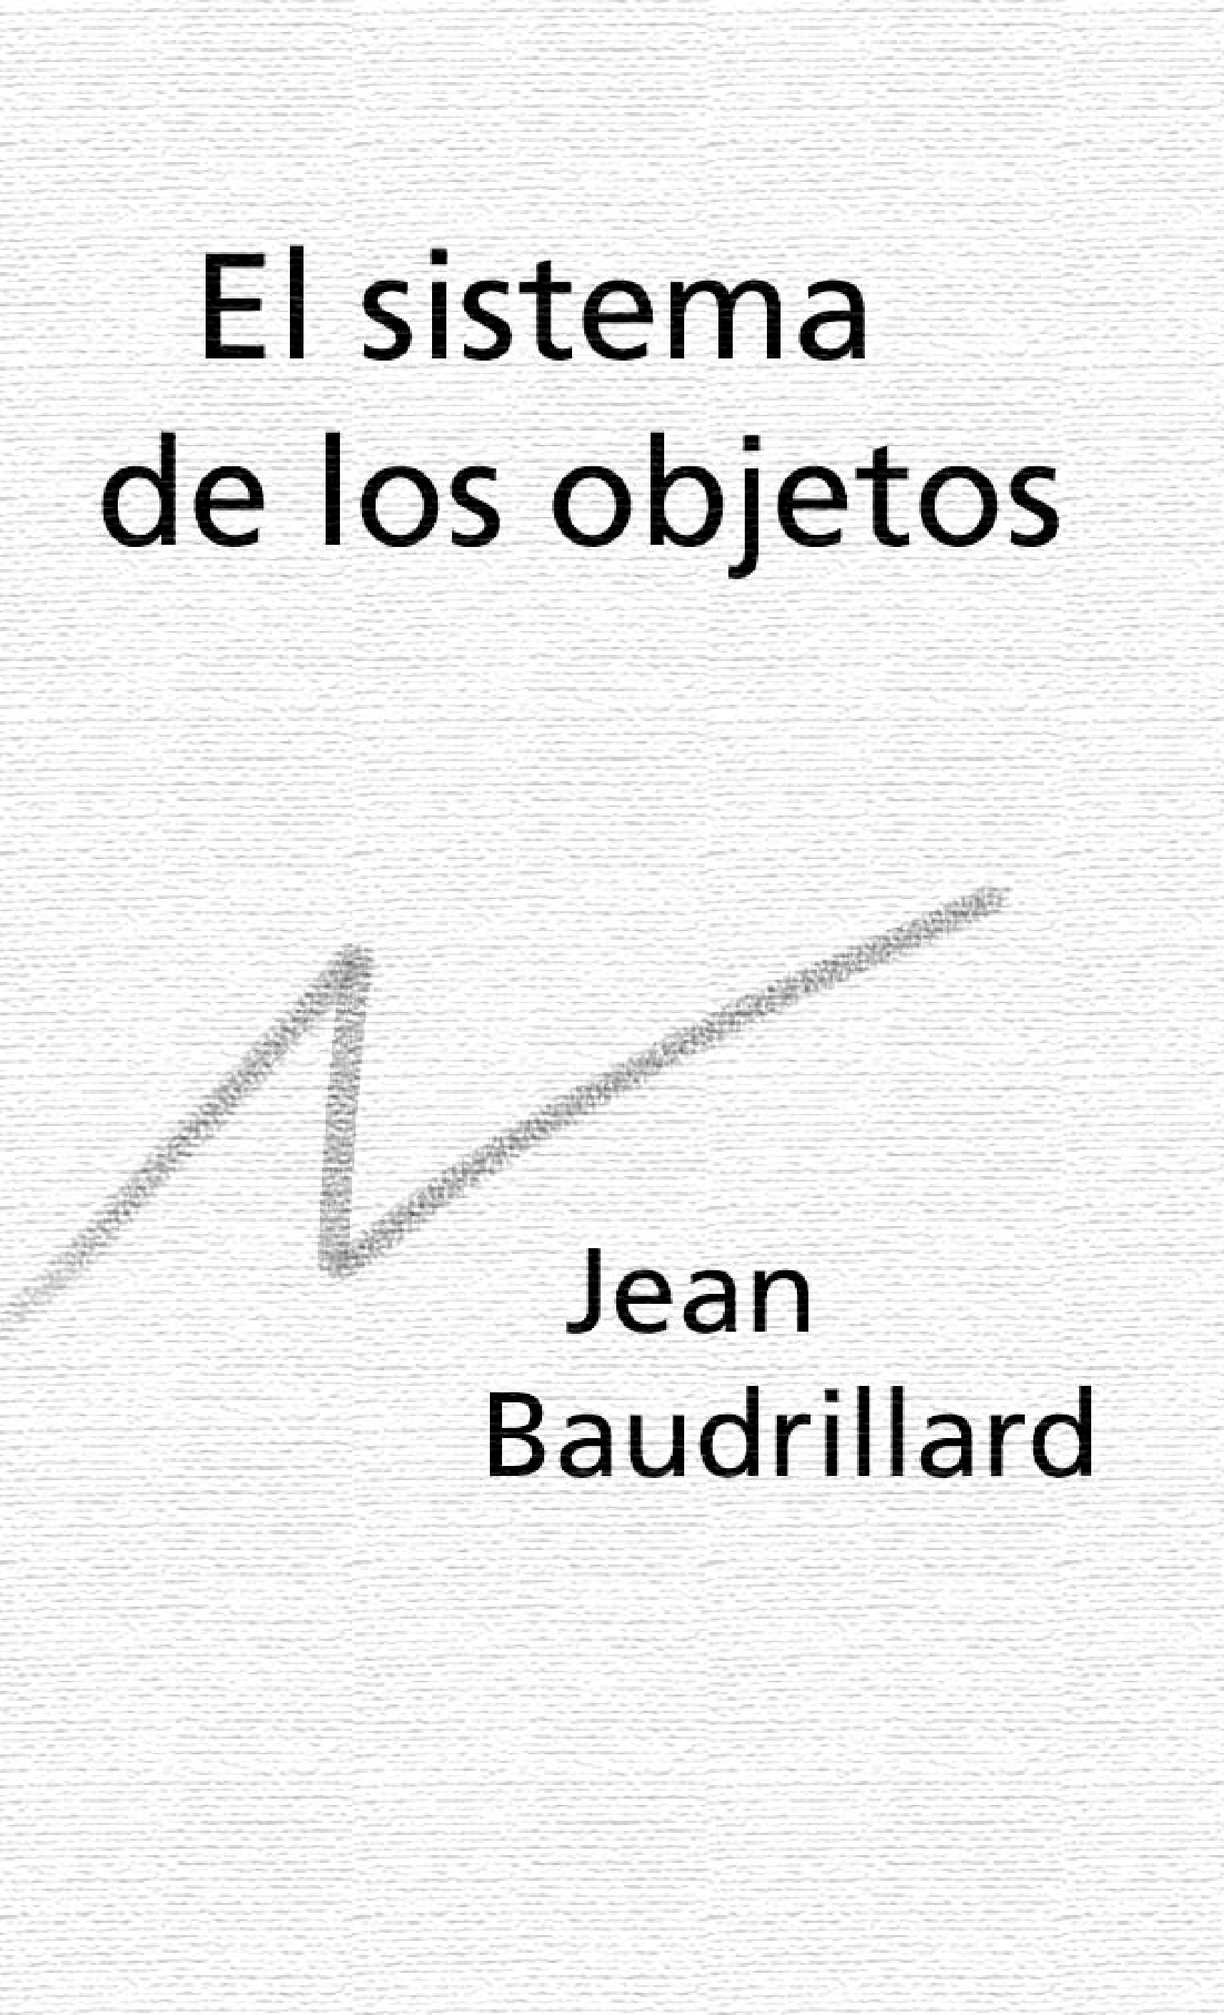 Jean Baudrillard: El sistema de los objetos